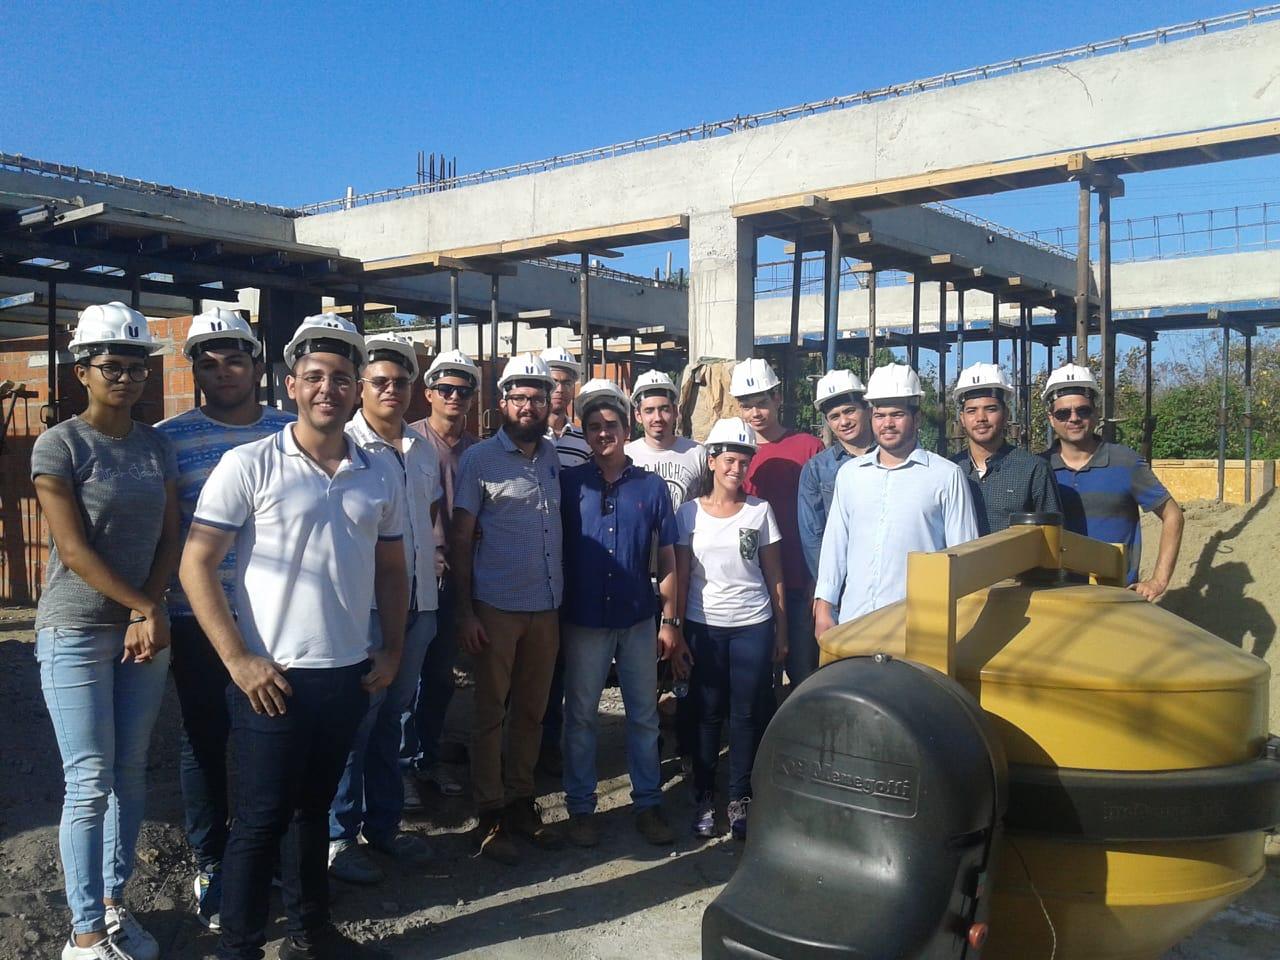 Alunos do Curso de Engenharia Civil da Unichristus visitaram a uma obra Residencial no Alphaville.